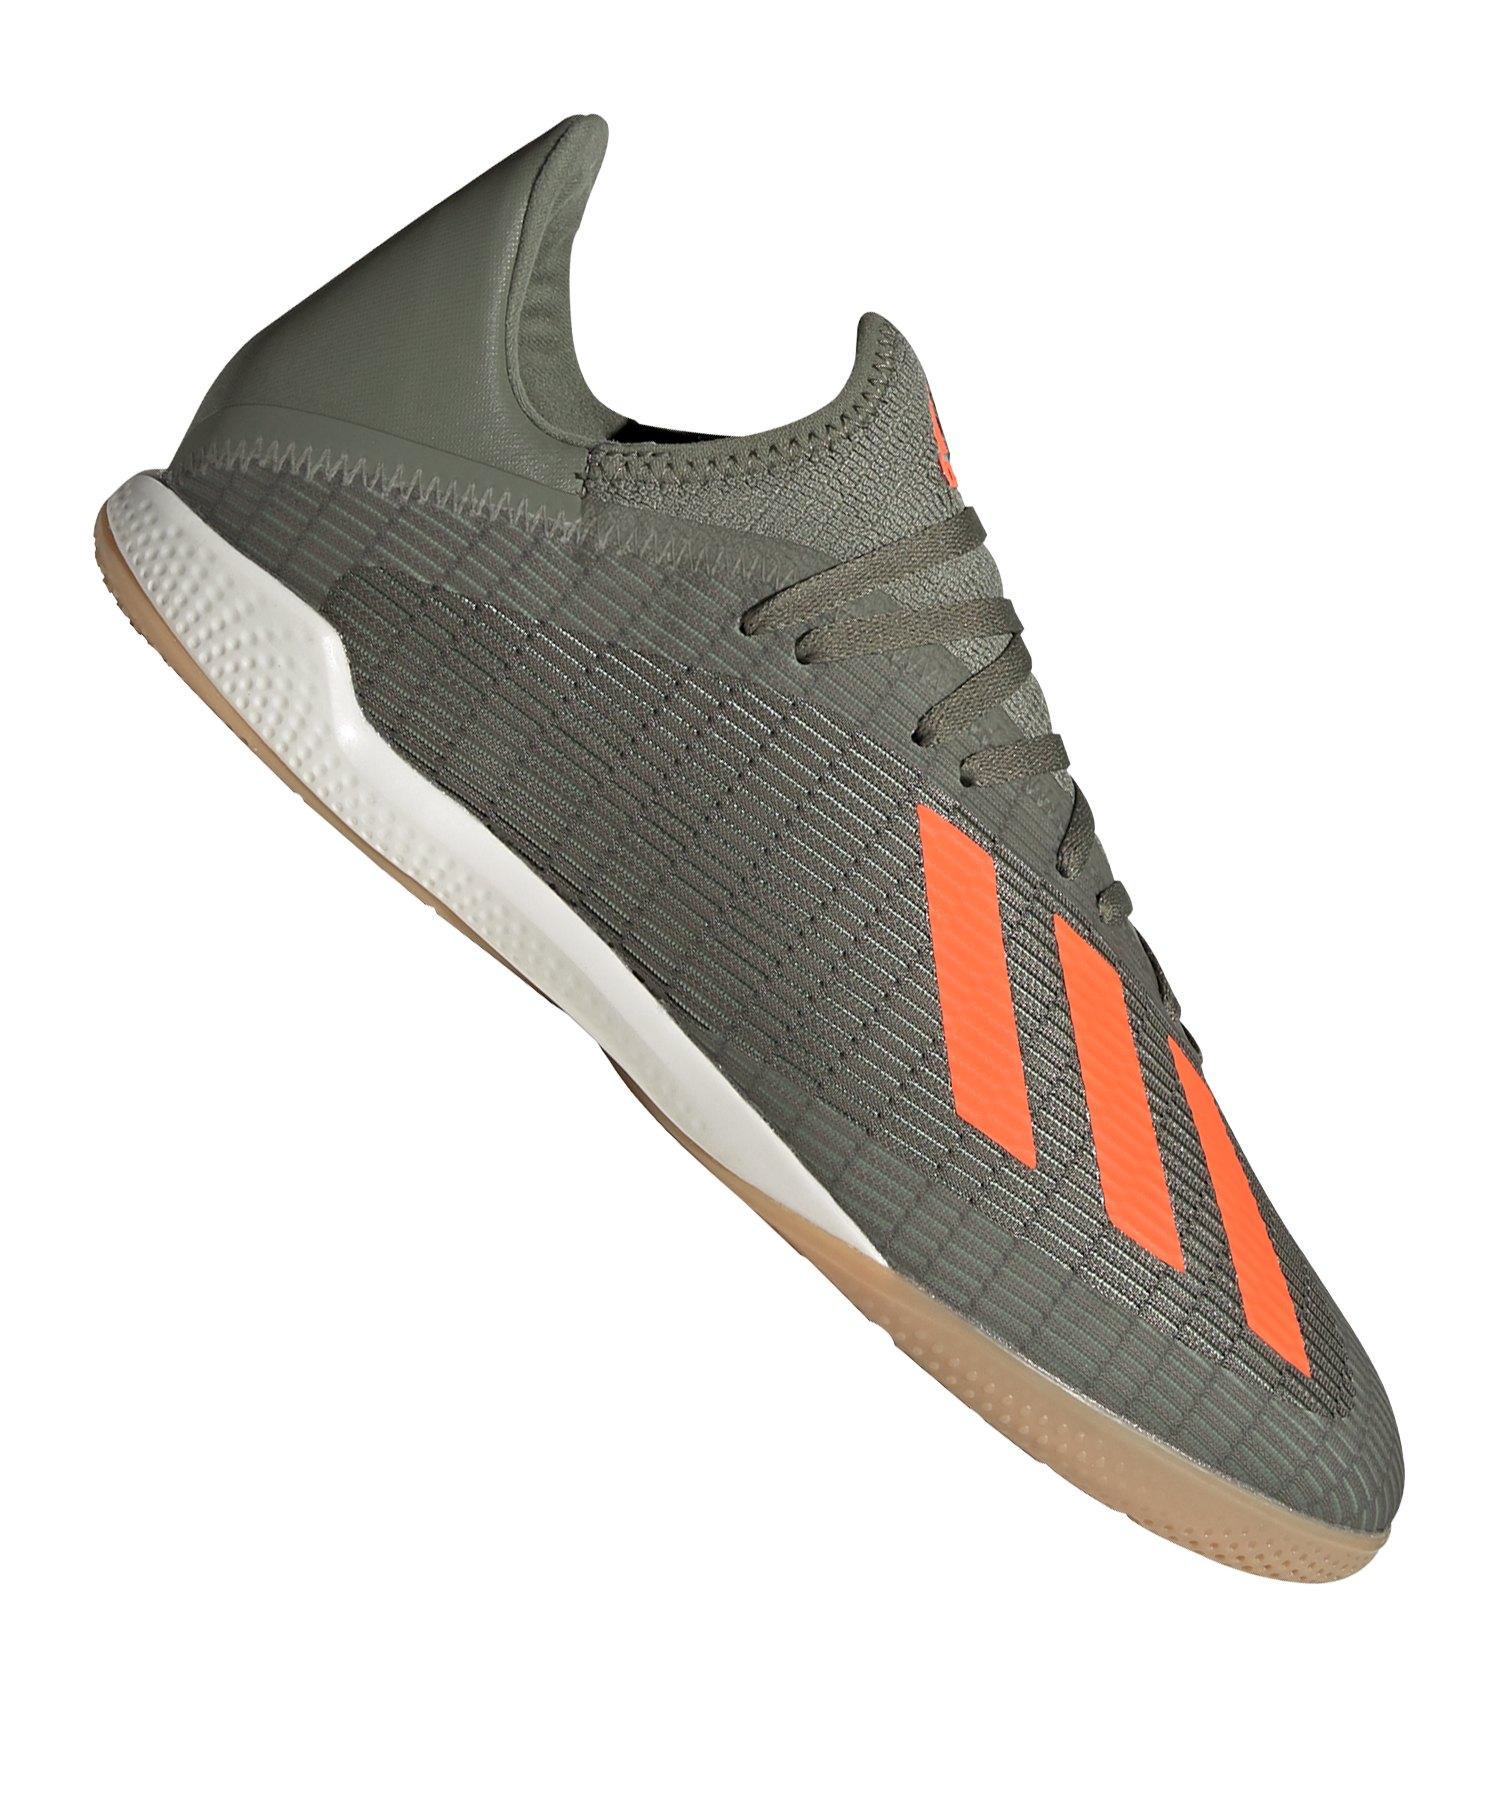 adidas X 19.3 IN Halle Grün Orange - gruen